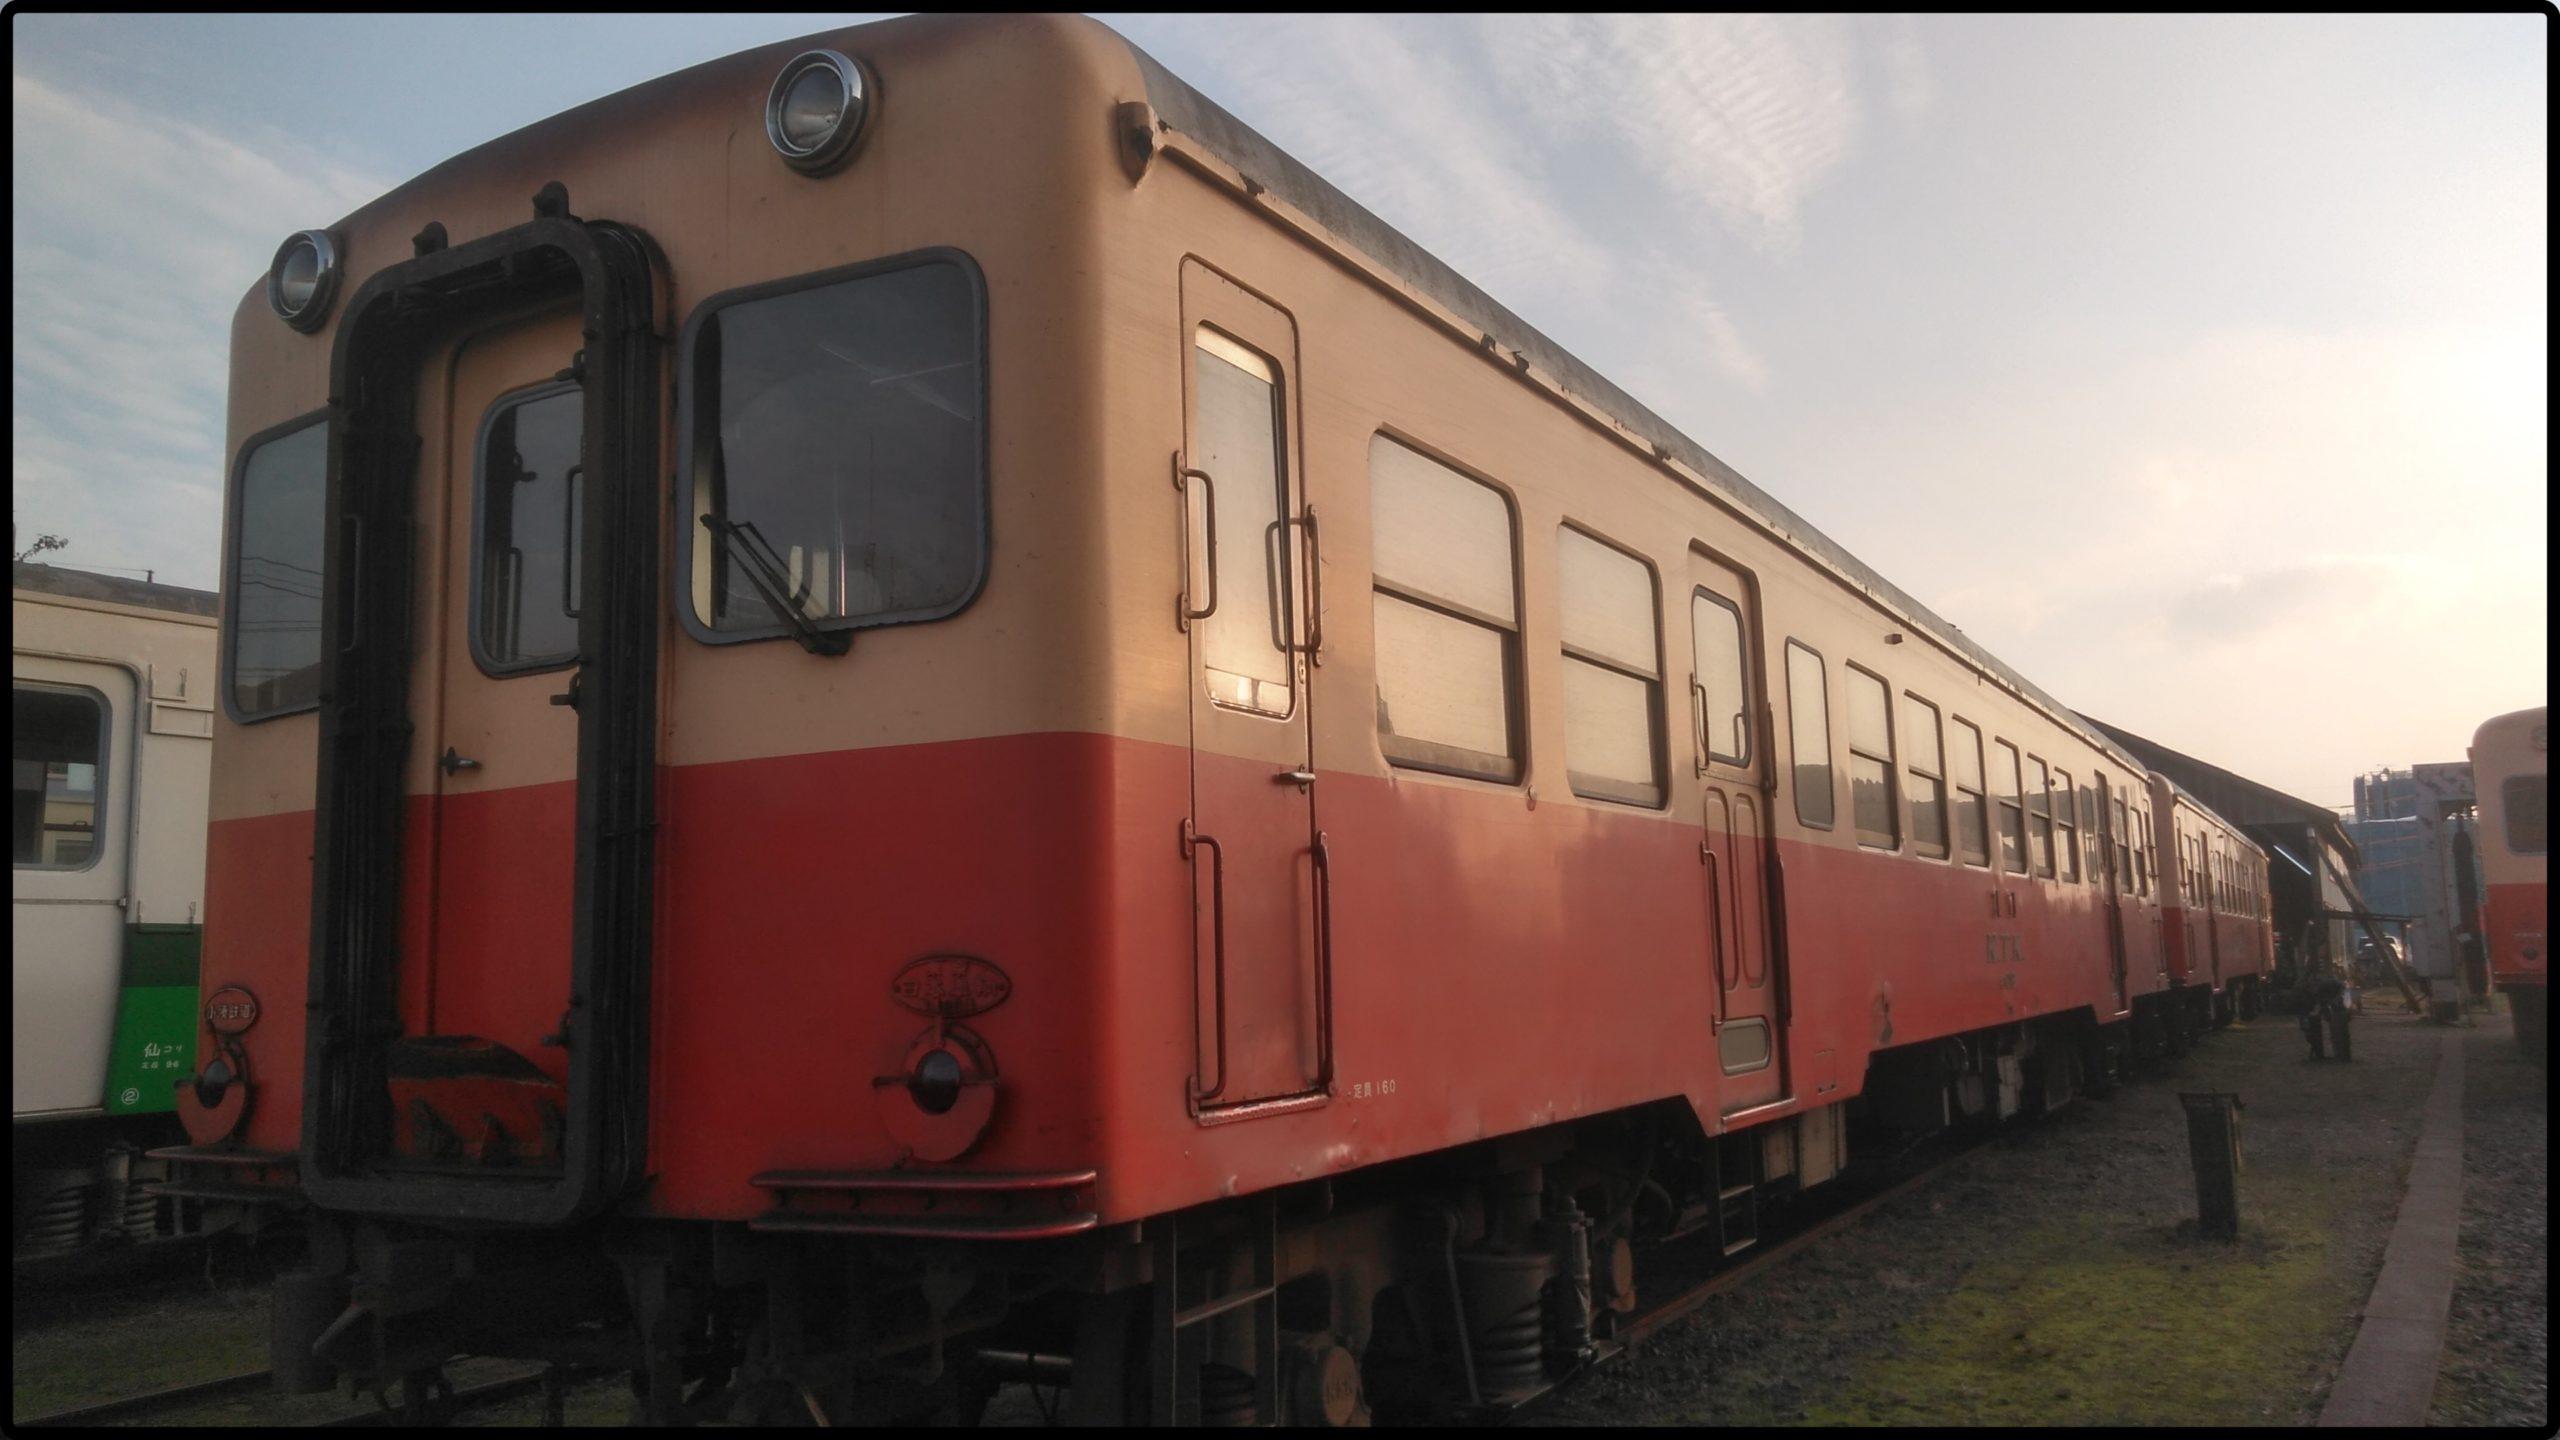 小湊鉄道 馬立~上総牛久で路盤流出 バスによる振り替え輸送を実施 トロッコは運休